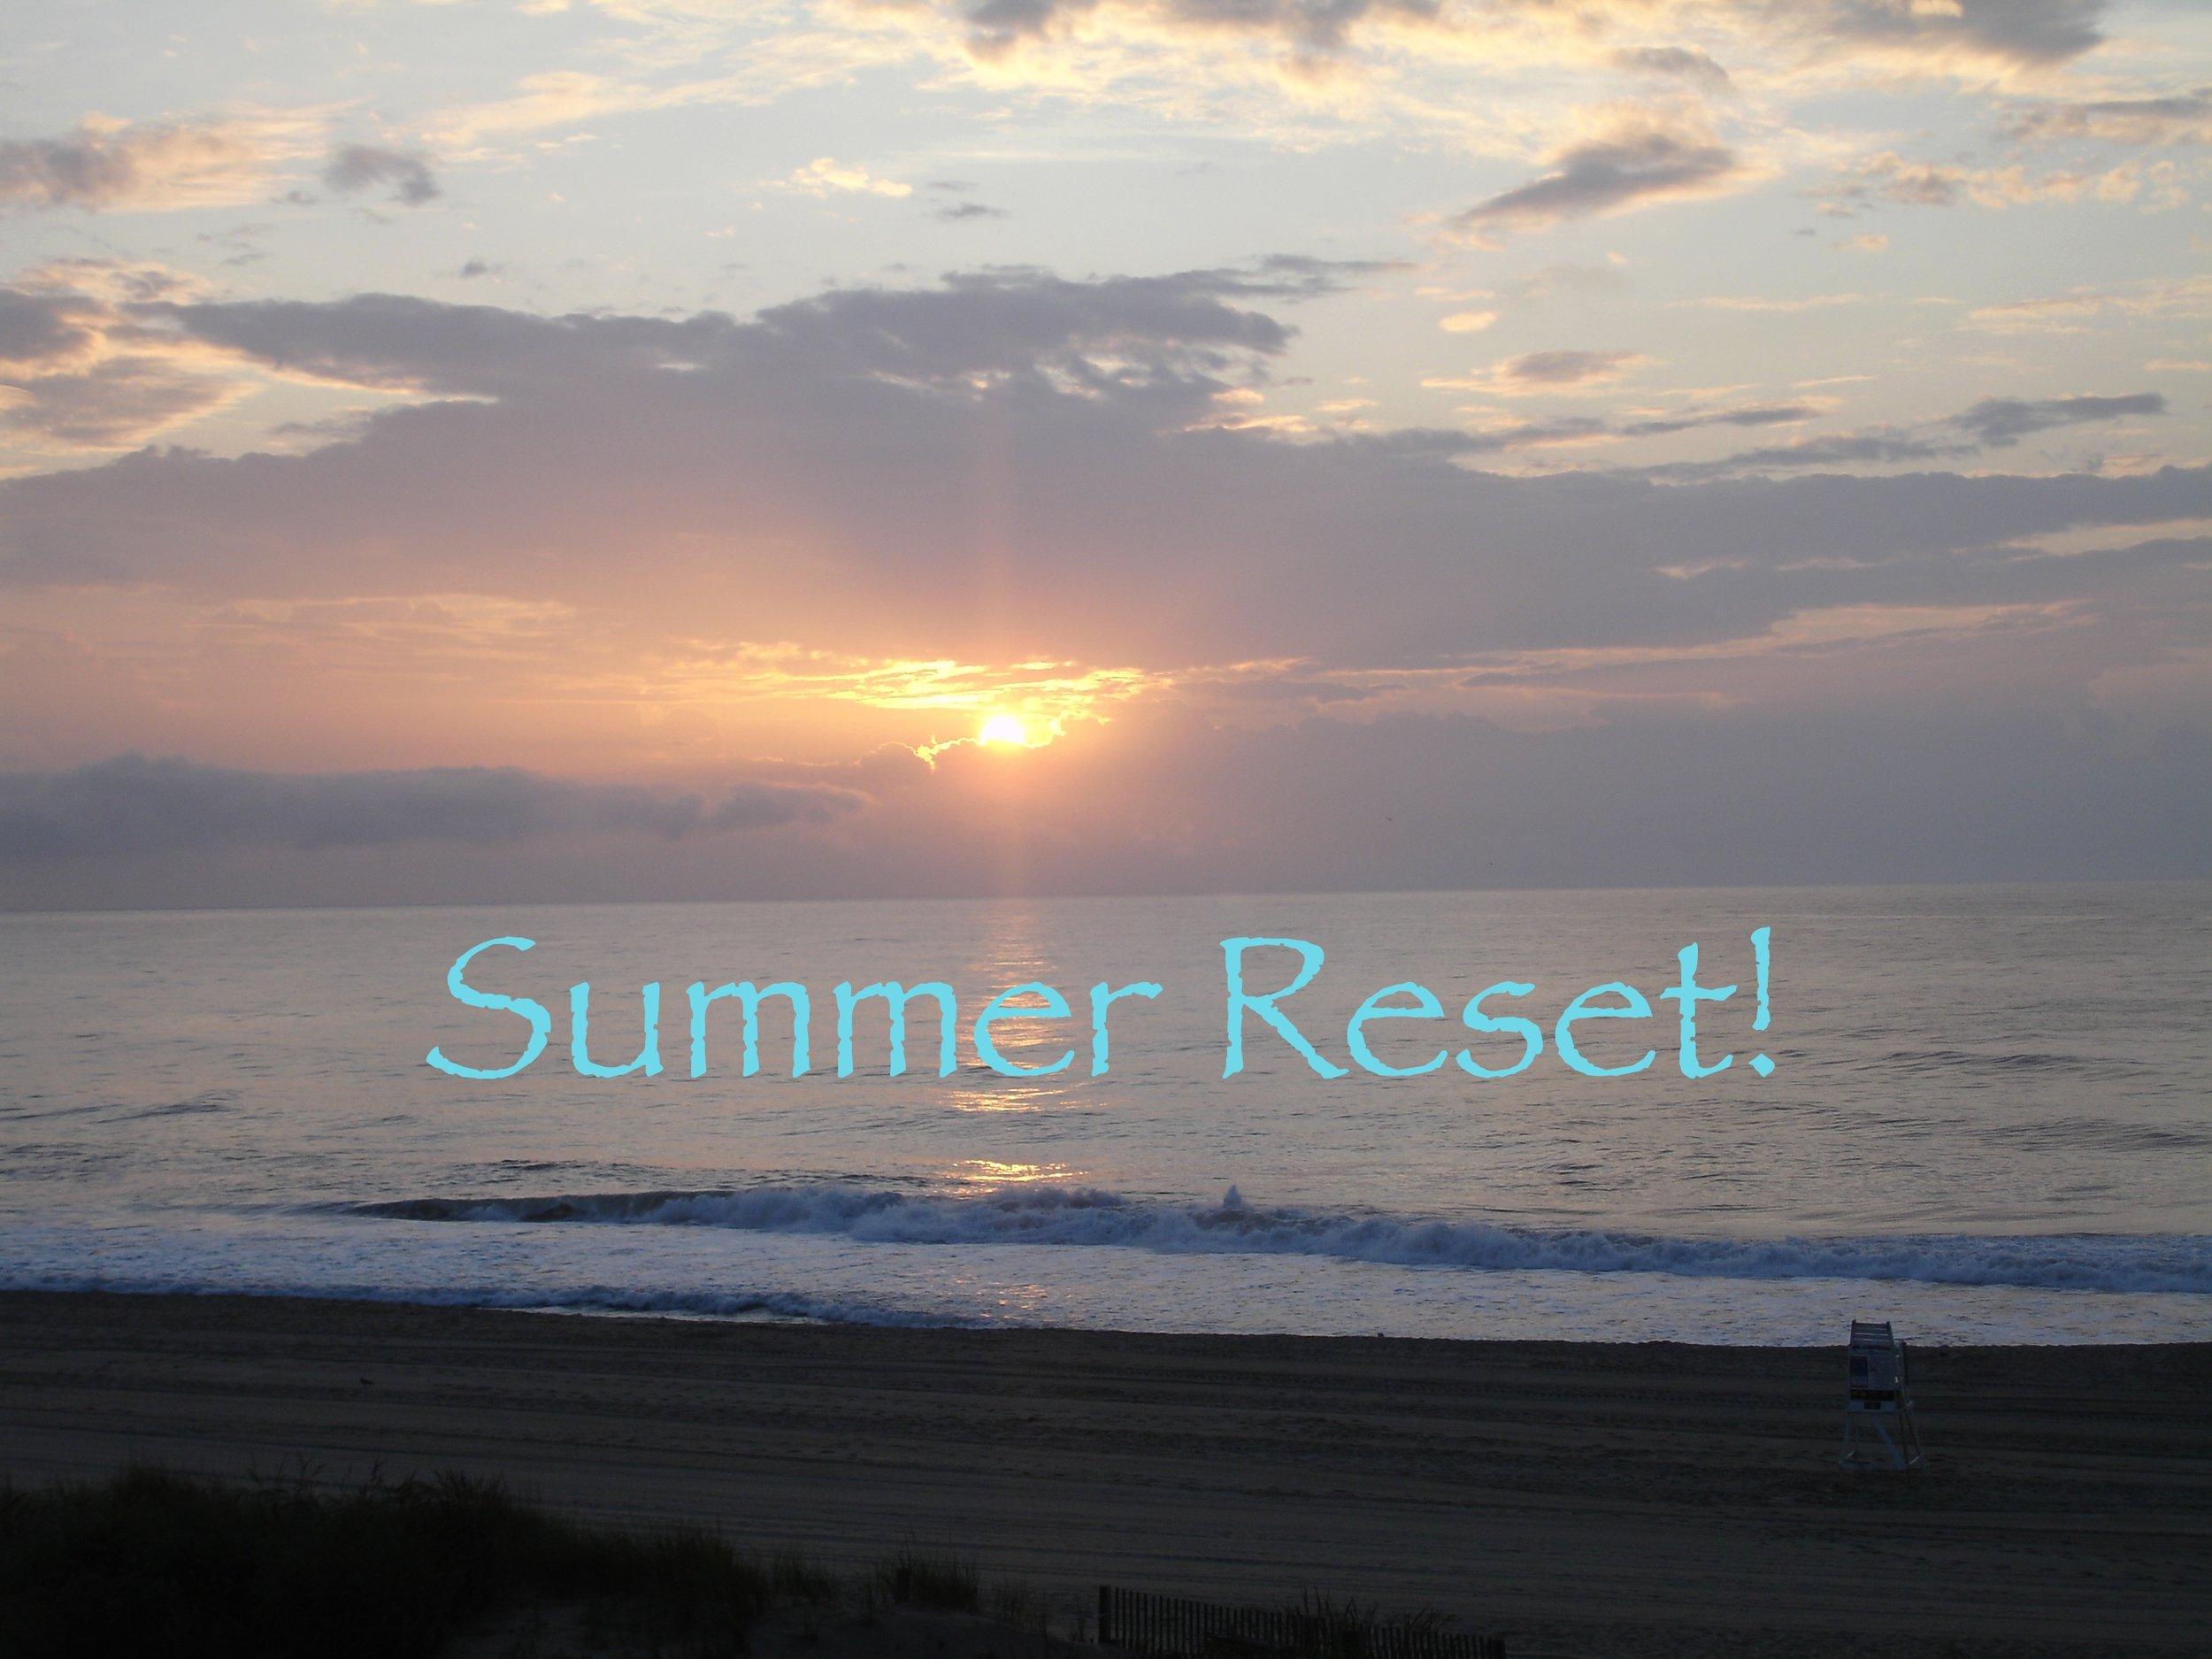 Summer Reset!